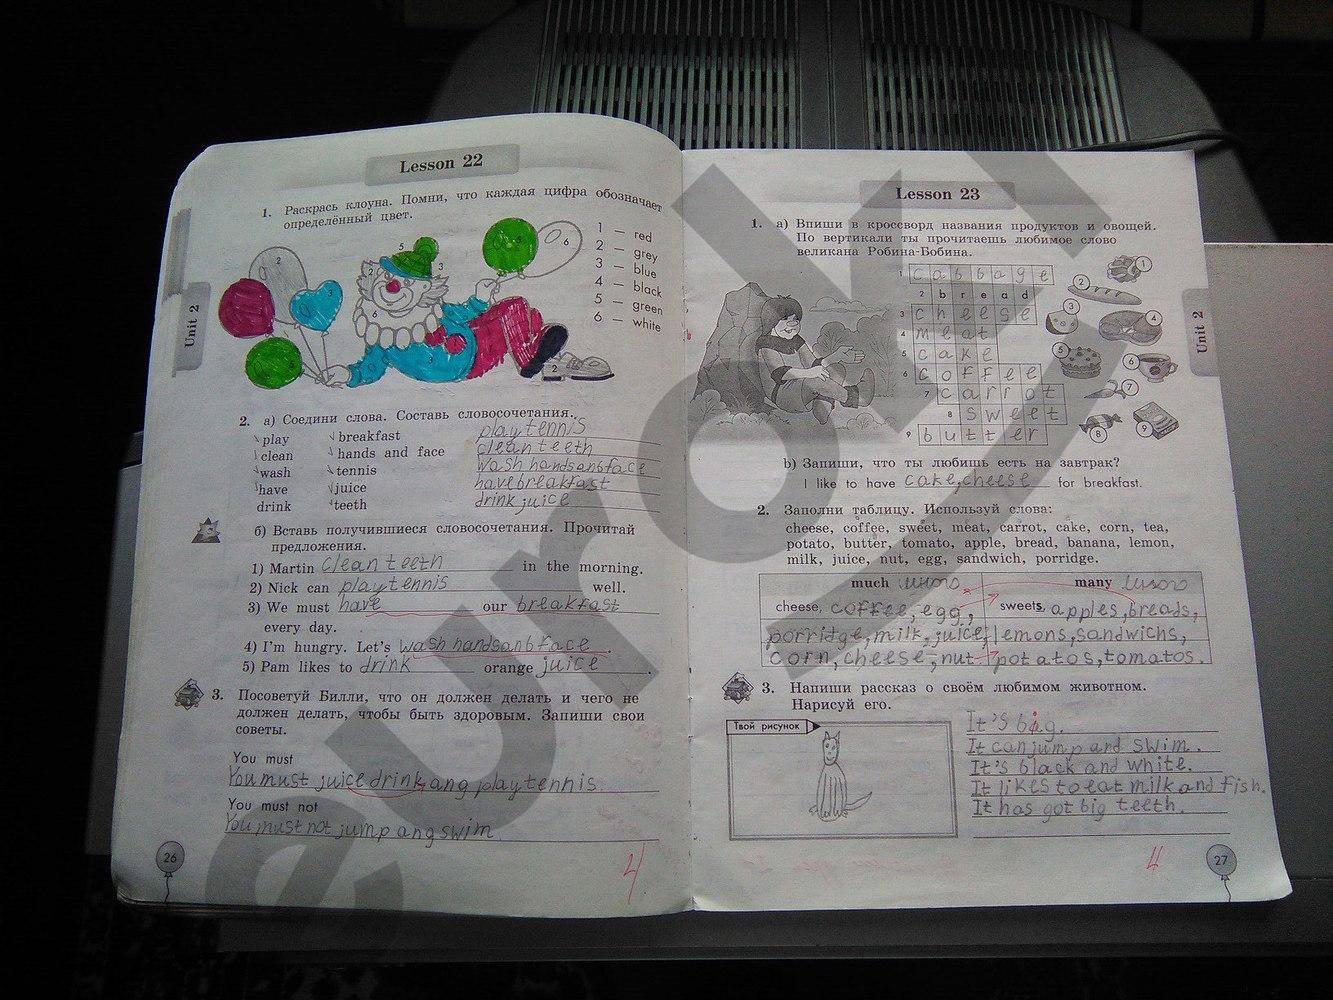 ГДЗ по английскому языку 3 класс рабочая тетрадь Биболетова, Денисенко, Трубанева. Задание: стр. 26